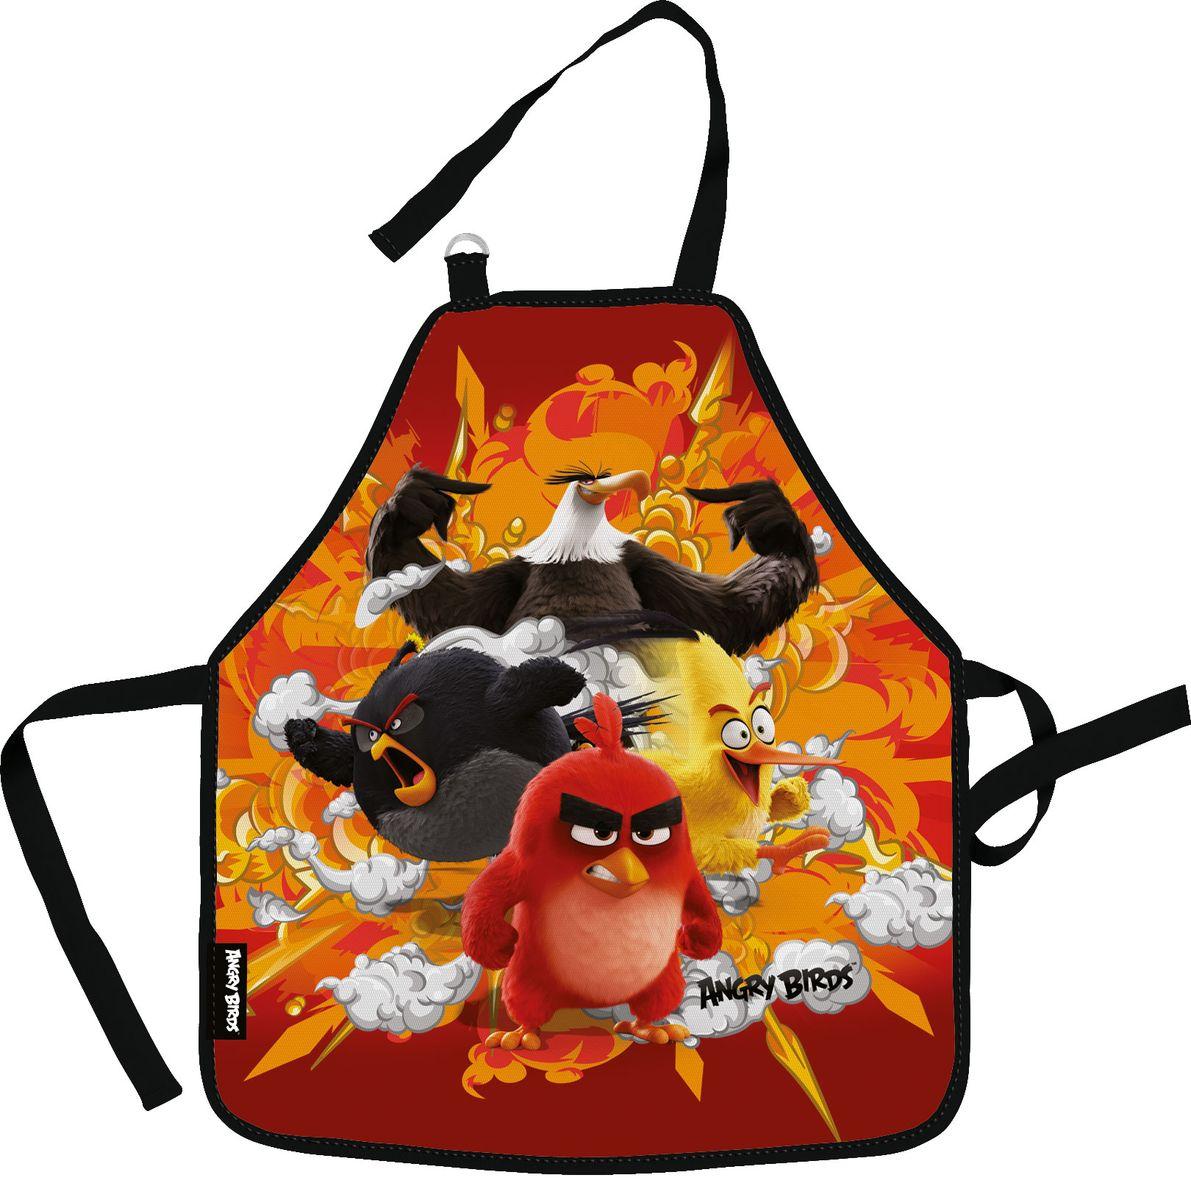 Angry Birds Movie Фартук для труда цвет красный оранжевый черный39699Фартук Angry Birds Movie поможет вашему ребенку не испачкать свою одежду во время занятий творчеством и на уроках труда. Изделие изготовлено из водостойкого материала. Удобные завязки помогут зафиксировать фартук на шее и талии в нужных положениях.